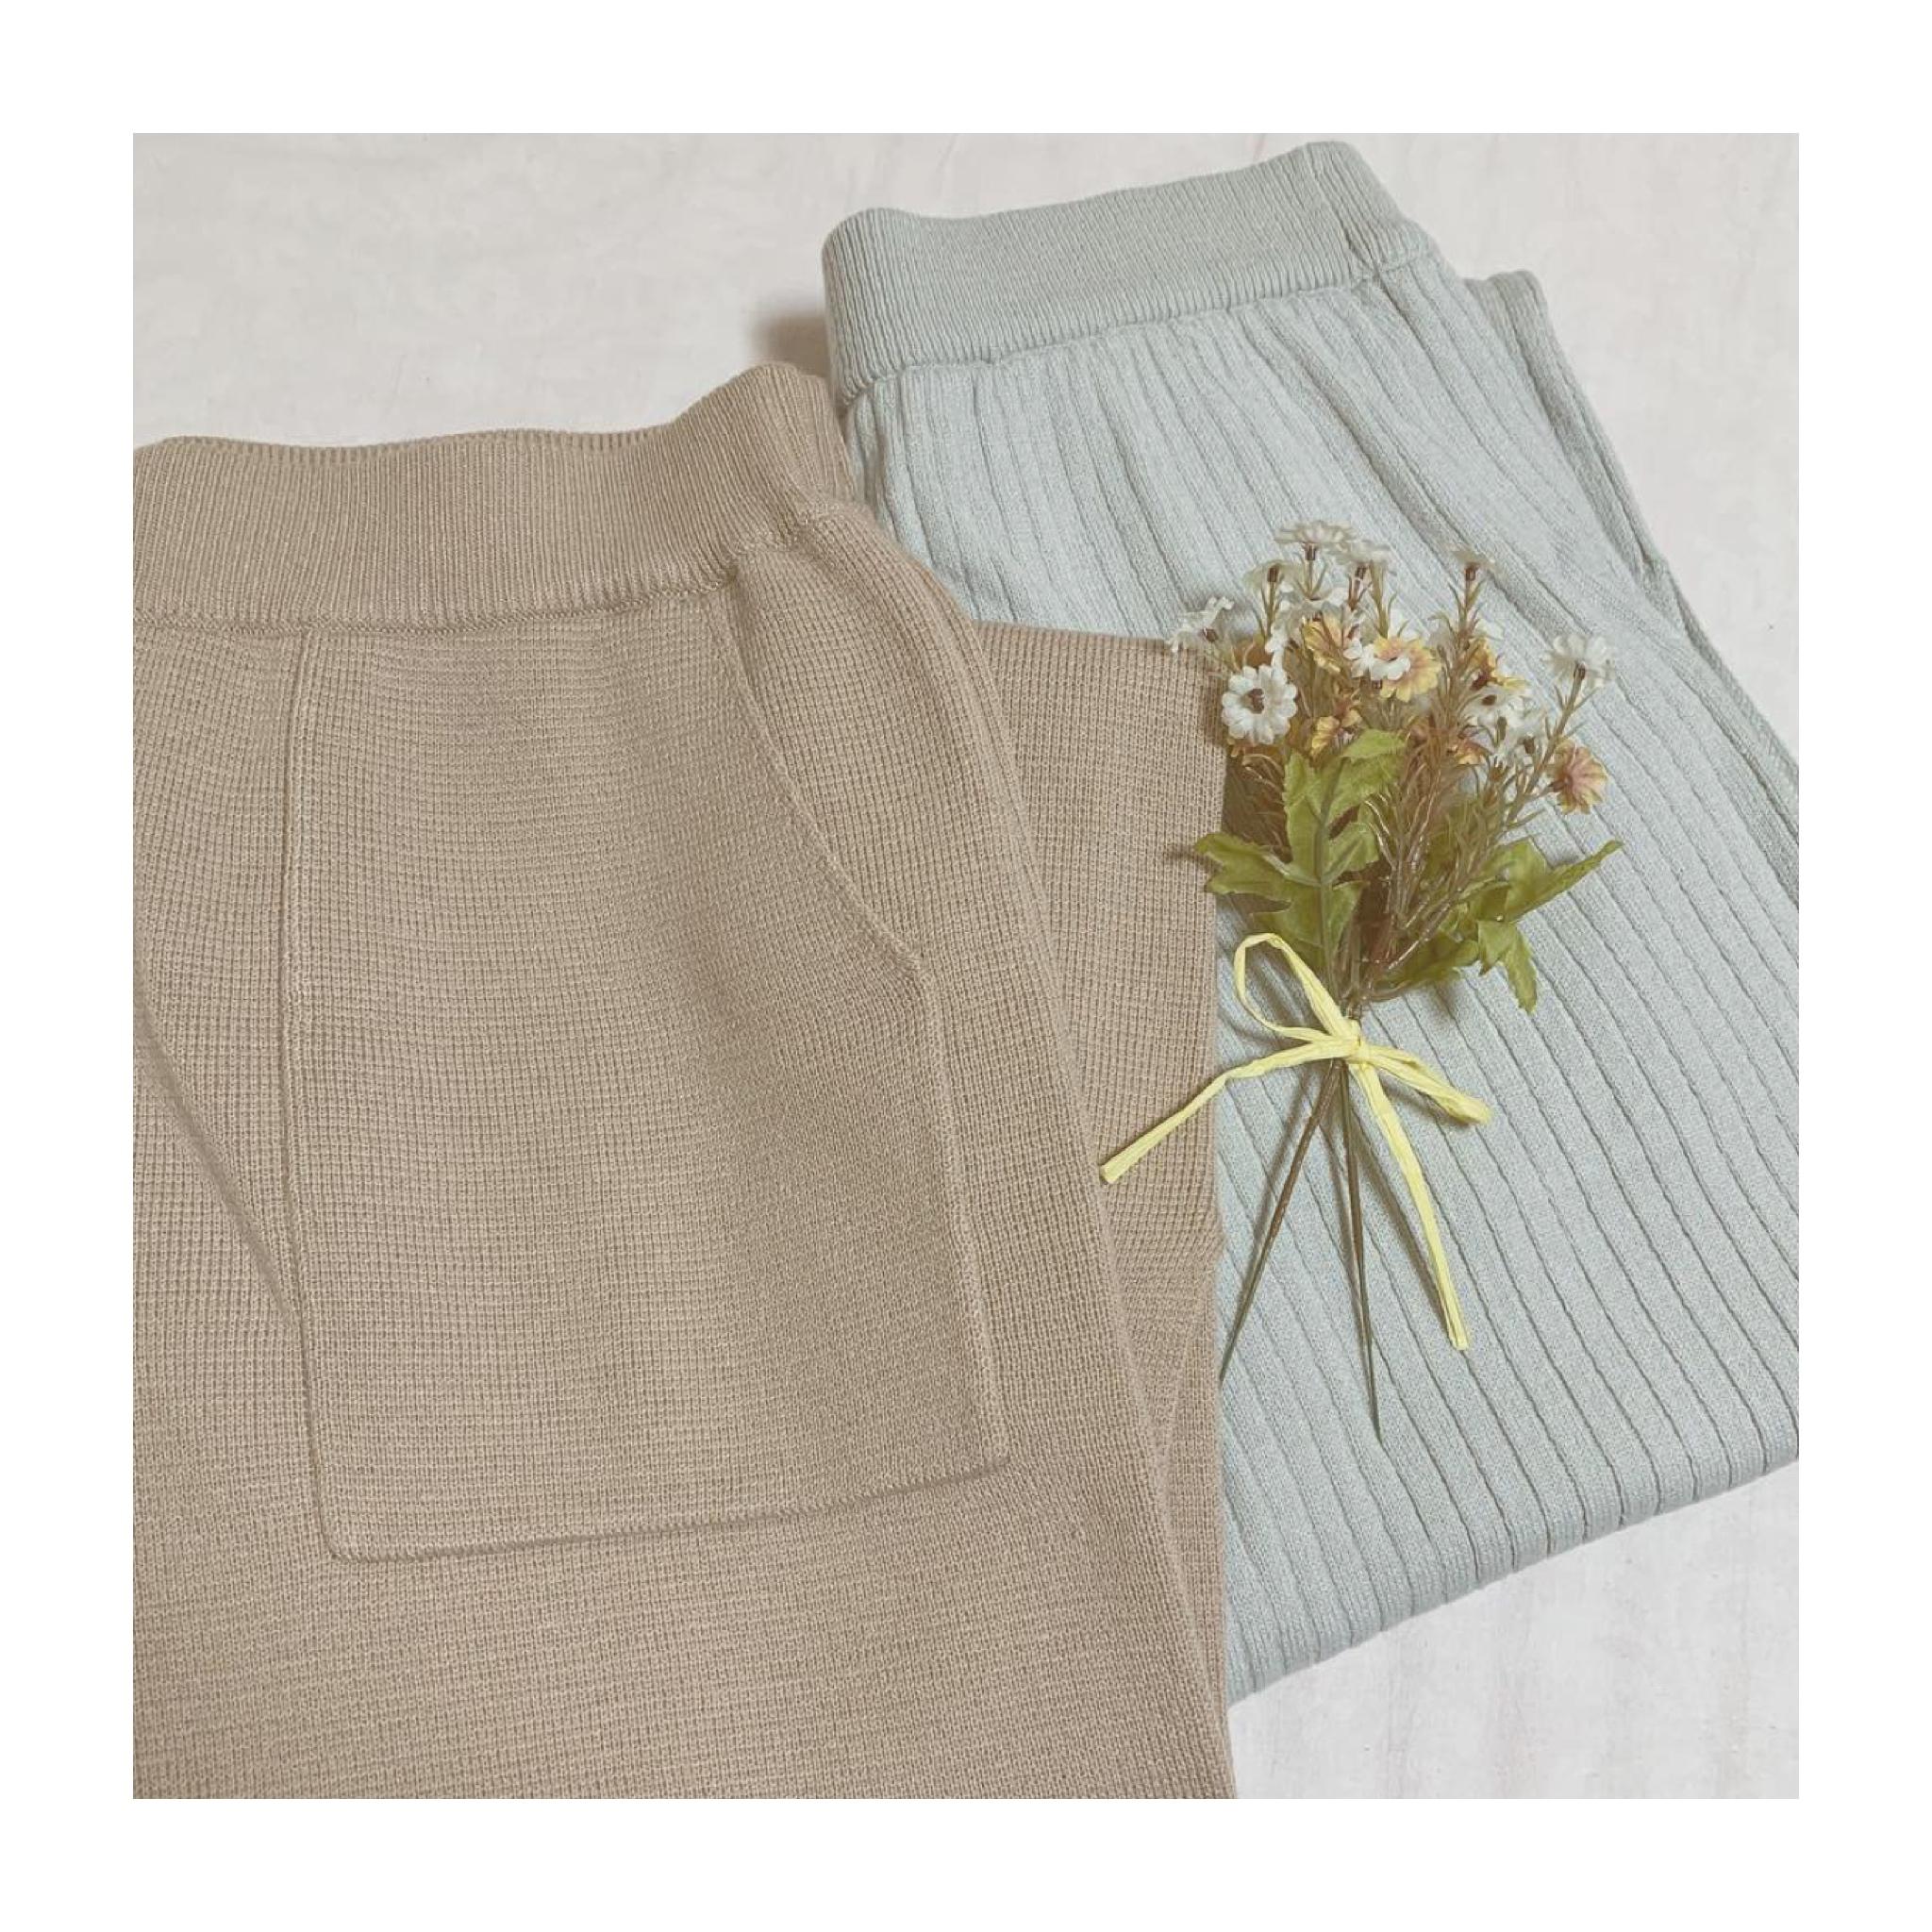 【ZARA&ユニクロ・GU】働く女子が買ったプチプラブランドのアイテムまとめ   ファッション_1_50